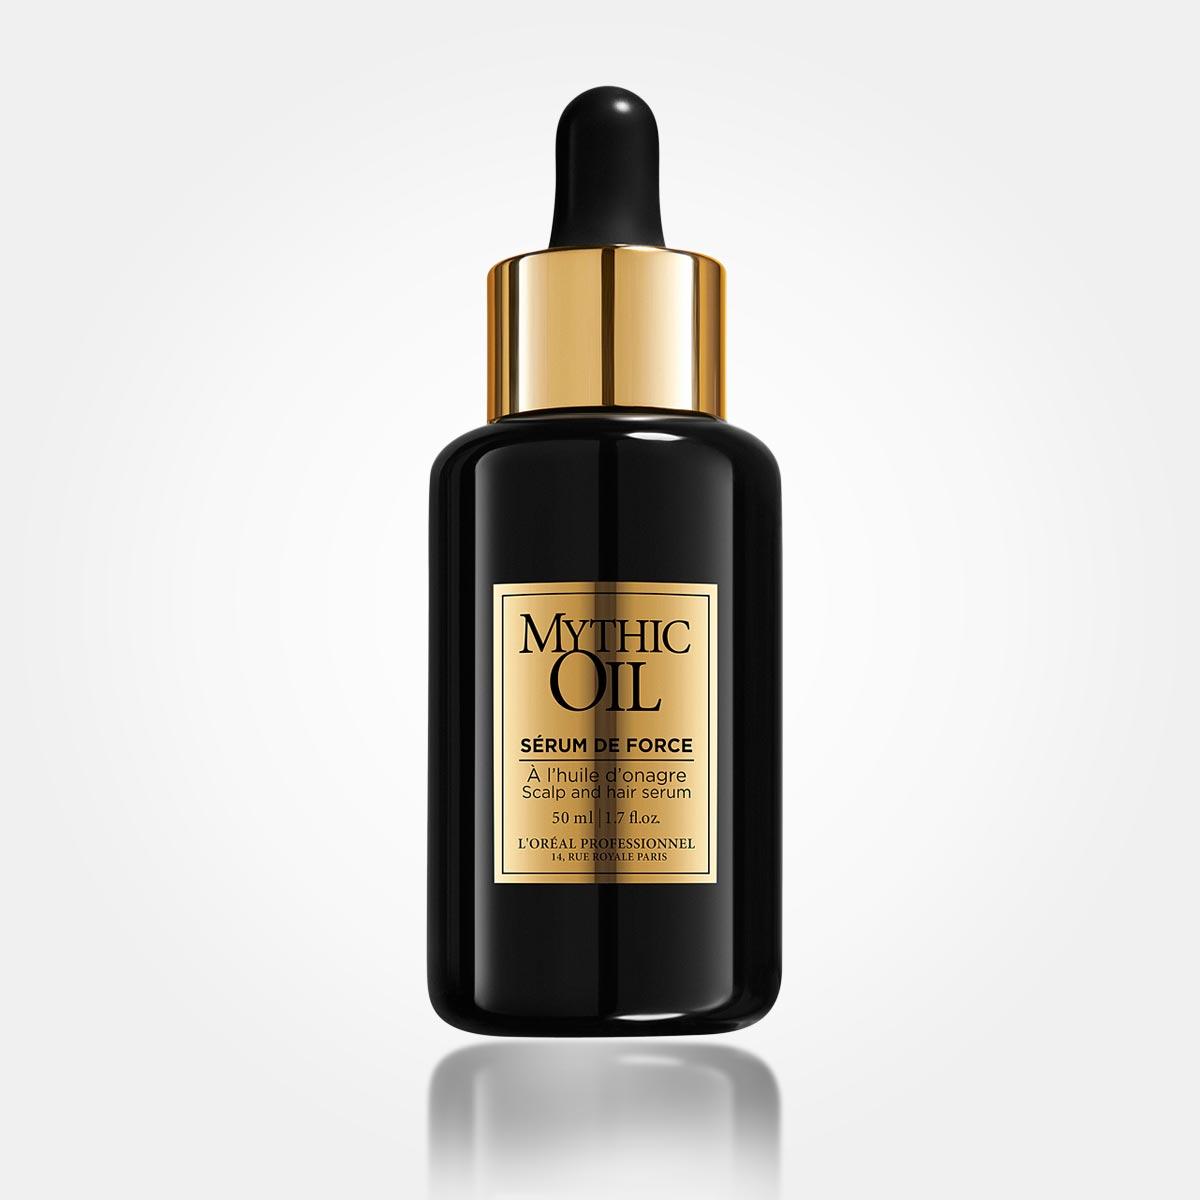 Sérum de Force z řady Mythic Oil je skutečně luxusní péče pro oslabené vlasy.